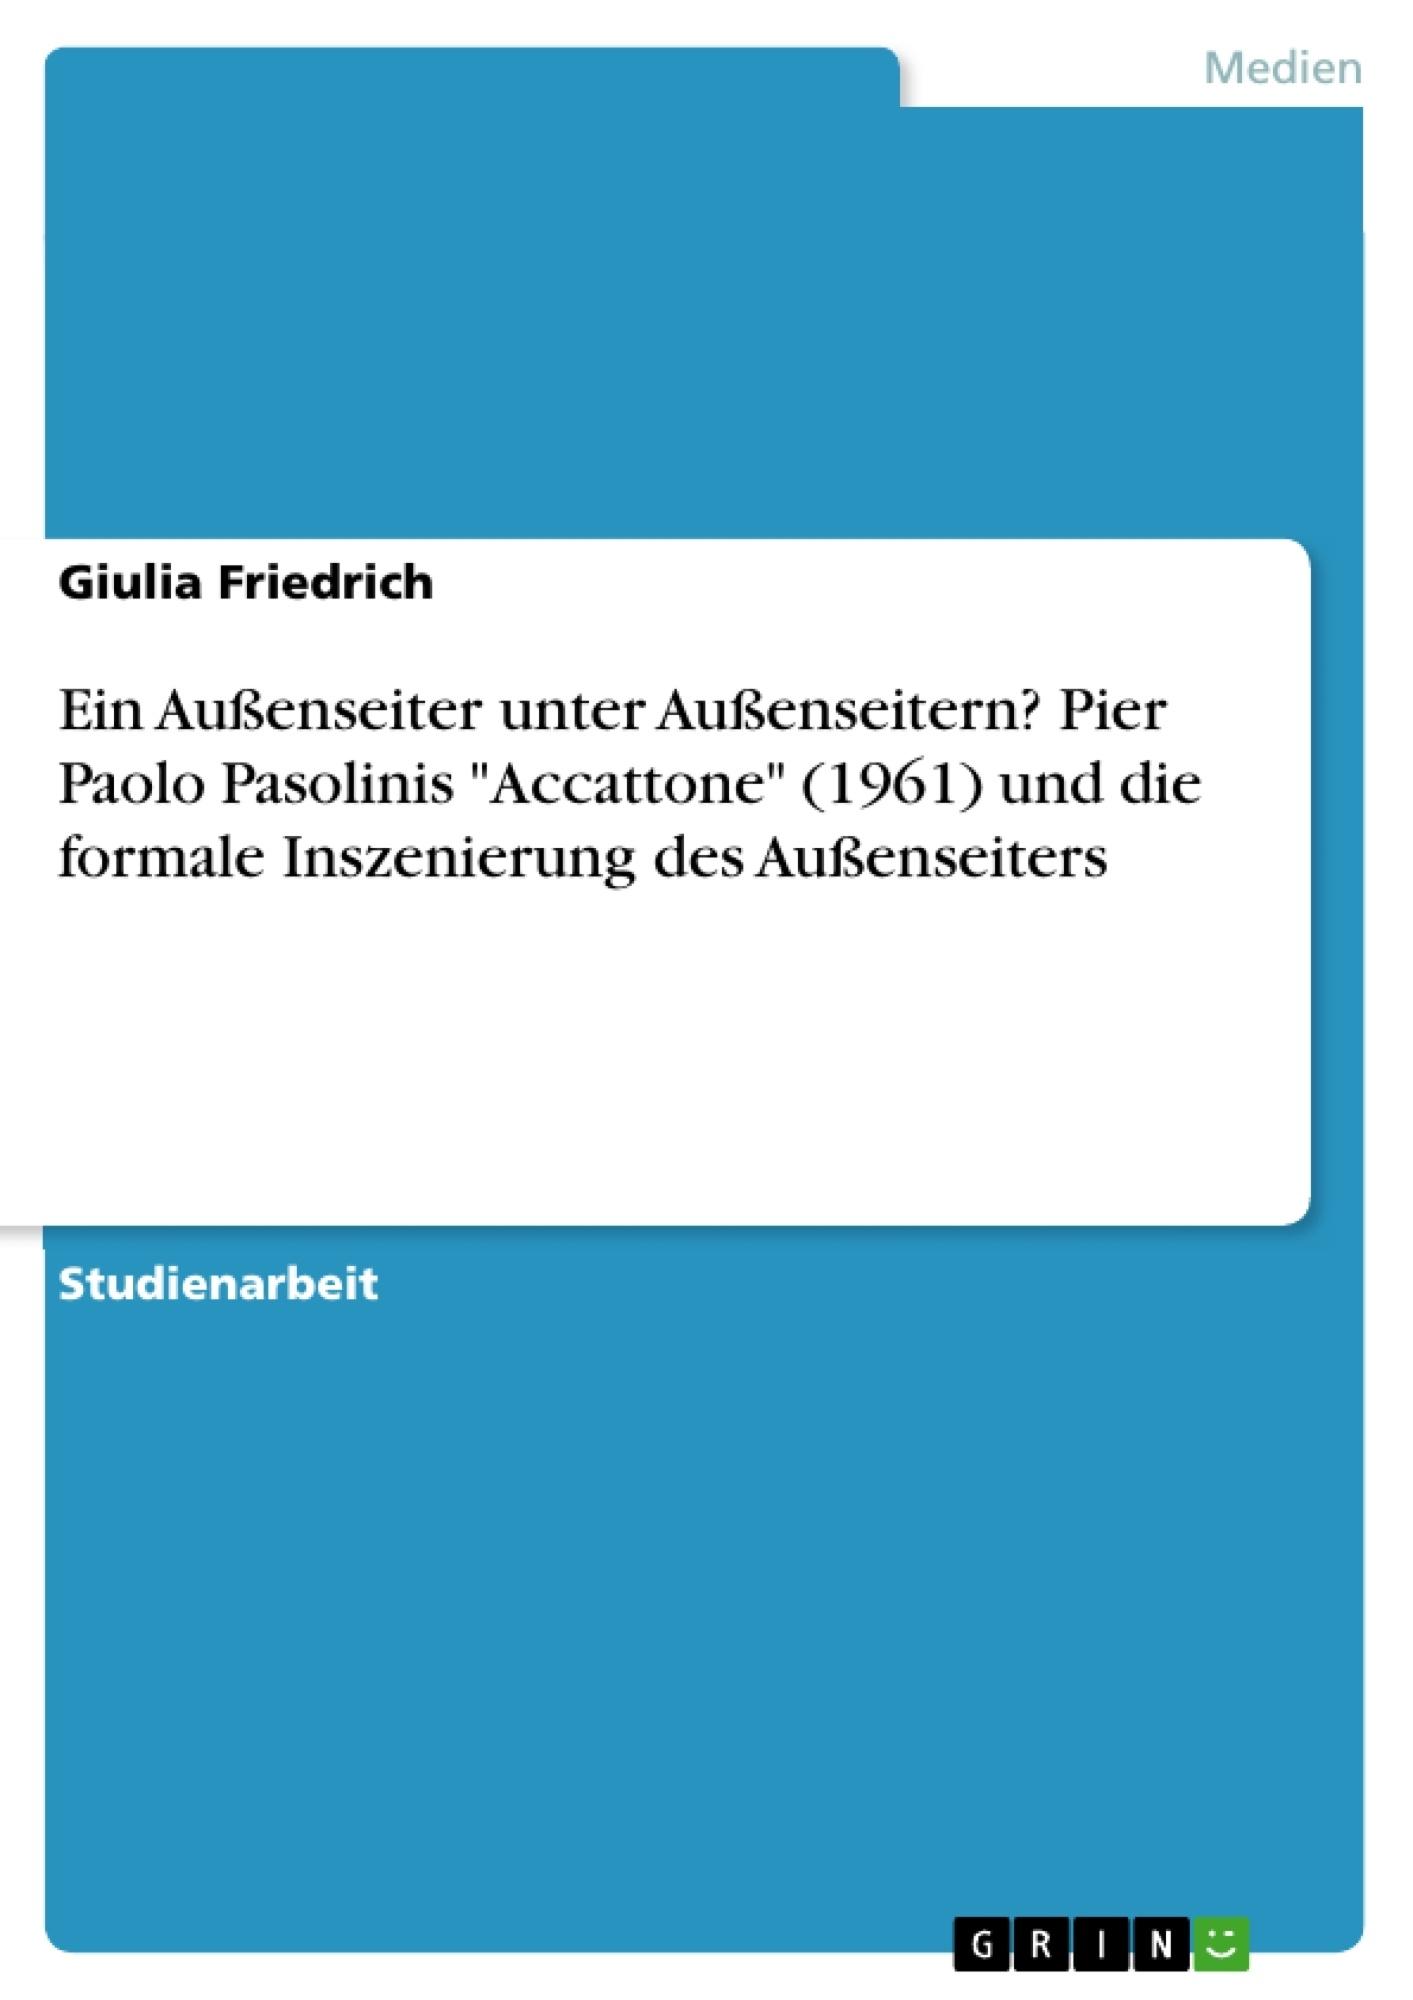 """Titel: Ein Außenseiter unter Außenseitern? Pier Paolo Pasolinis """"Accattone"""" (1961) und die  formale Inszenierung des Außenseiters"""